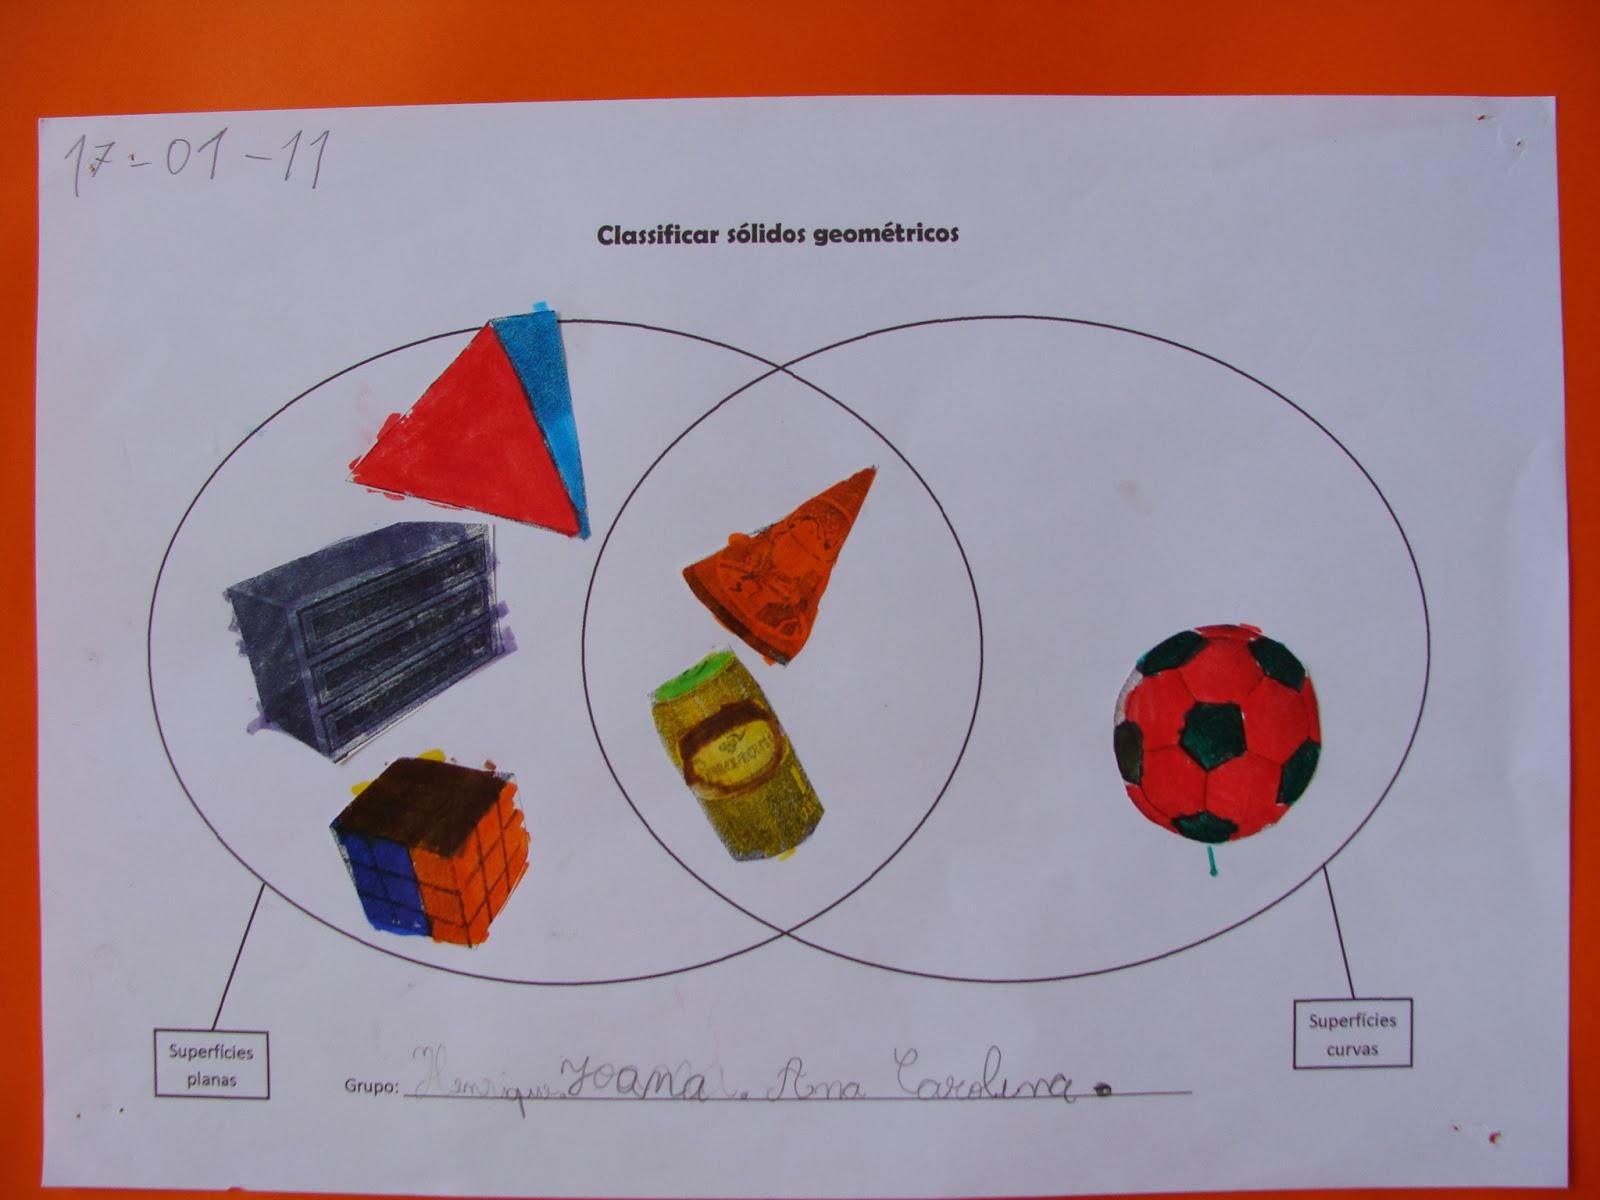 Caractersticas dos slidos 1 ano coisasparalembrarmaistarde organizao dos slidos num diagrama de venn de acordo com as suas caractersticas superfcies planas e no planas ccuart Image collections